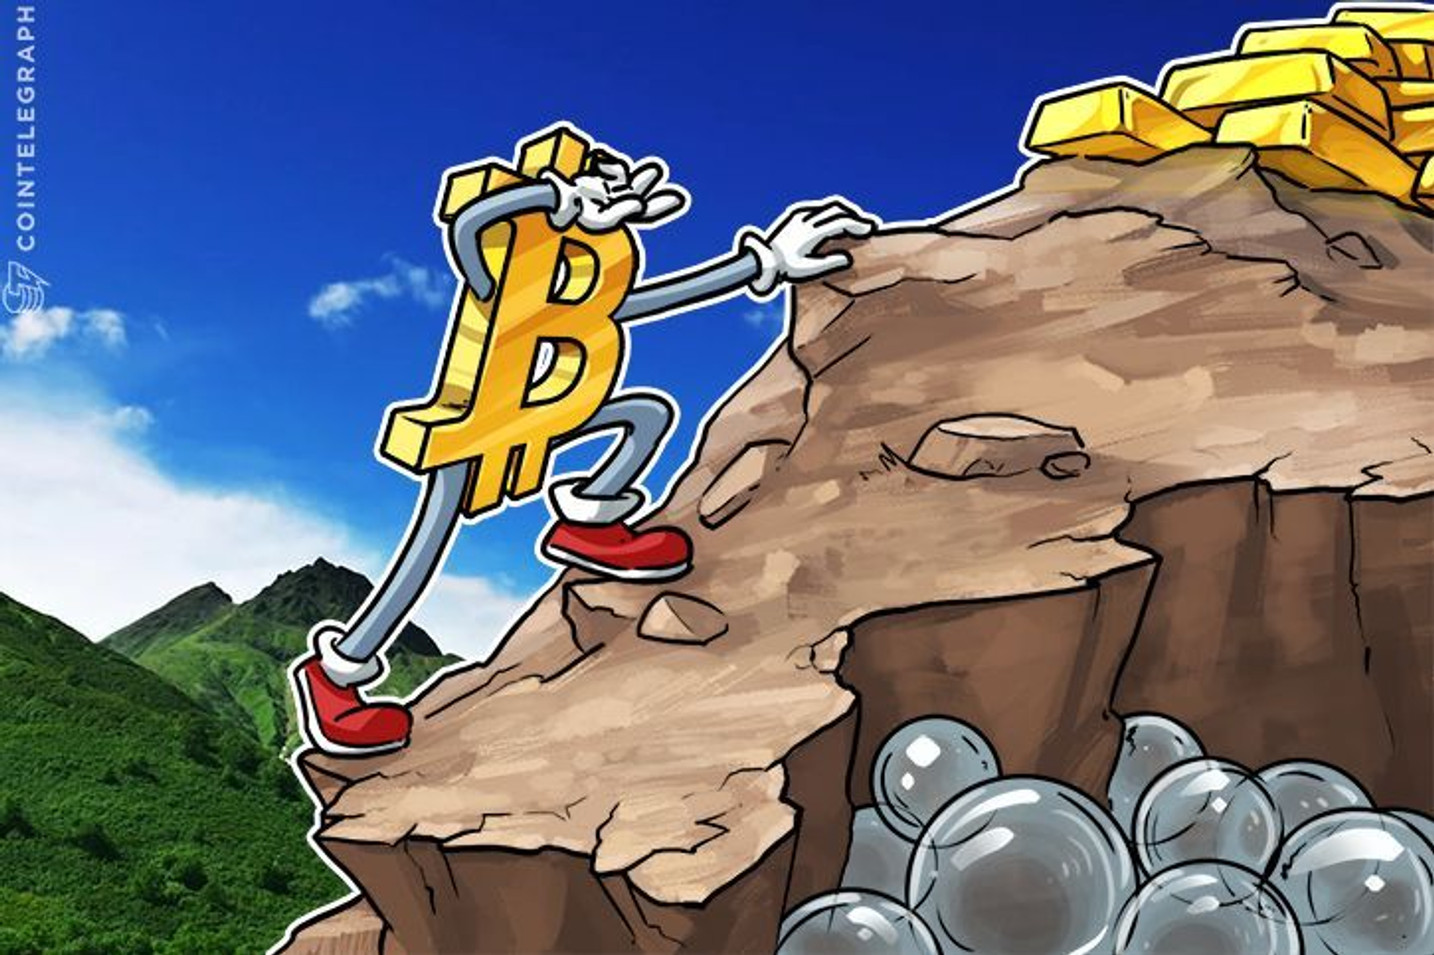 元ゴールドマンのビリオネア投資家「ビットコインは年末10000ドル」イーサも高値更新へ